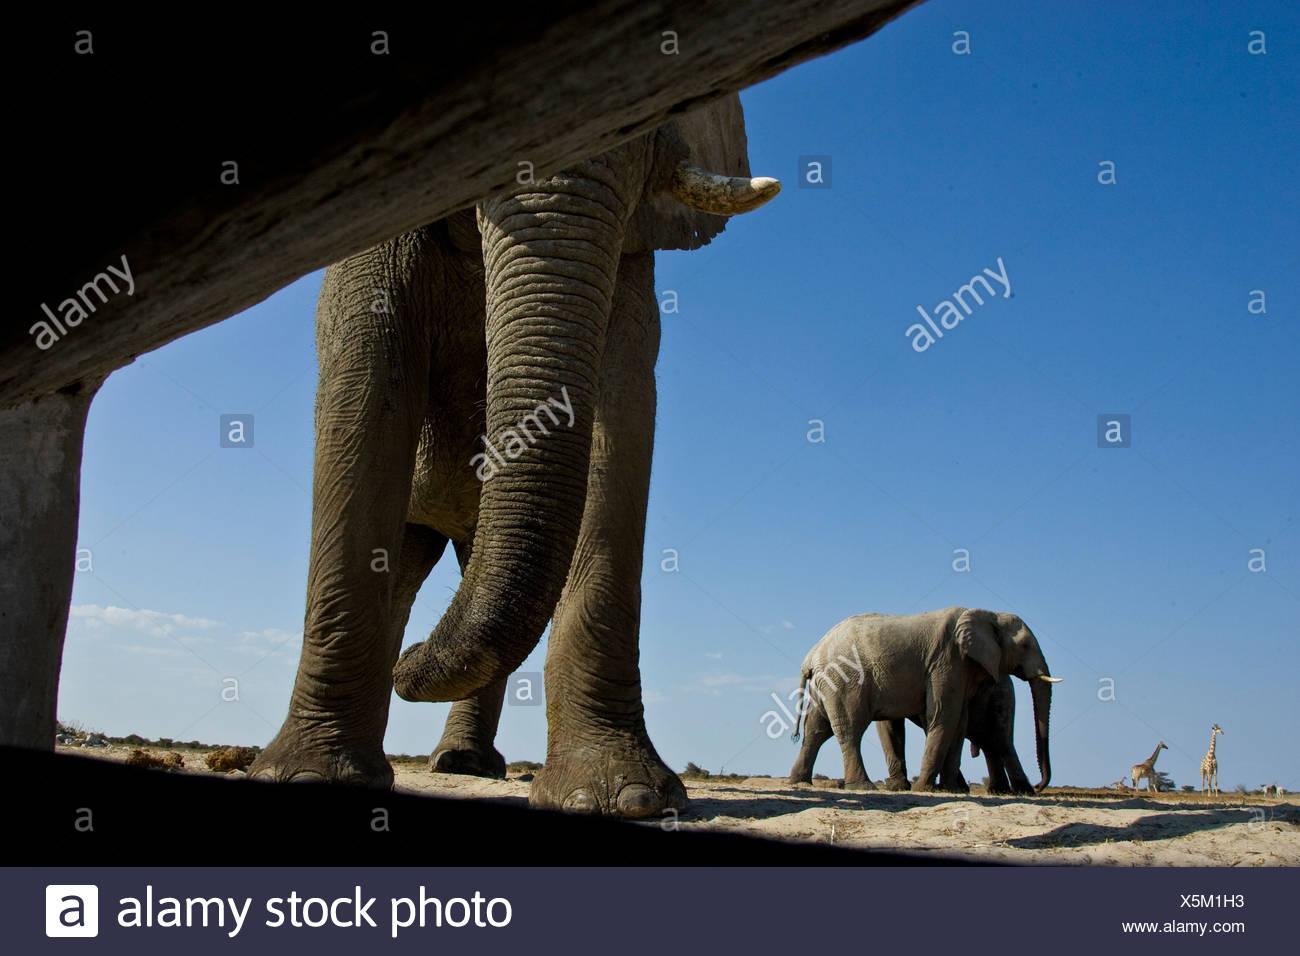 Elefanten aus fotografiert im Inneren verbergen, Etosha Nationalpark, Namibia. Stockbild